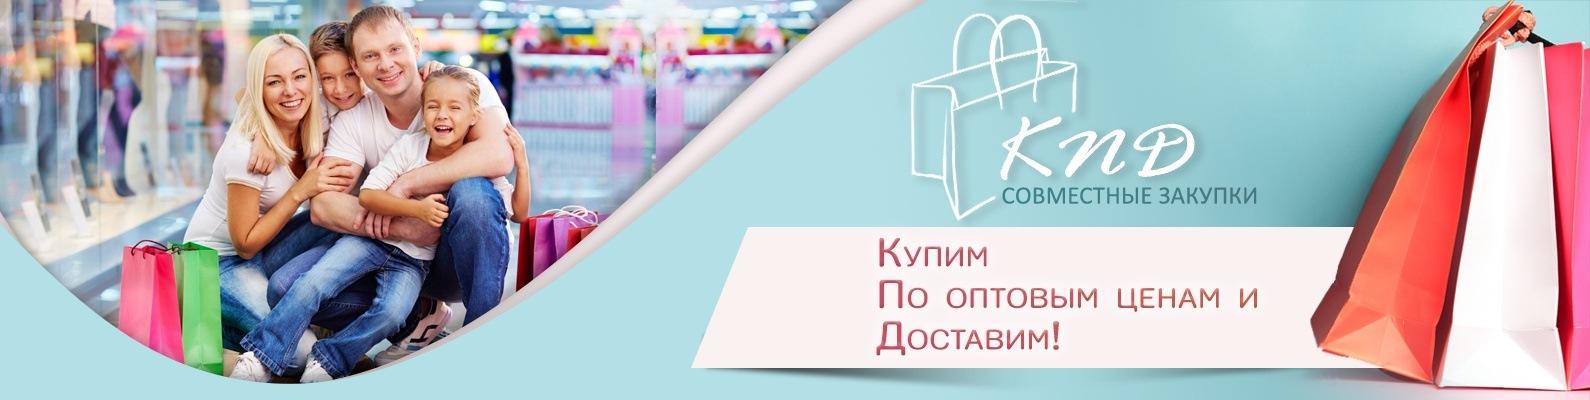 Совместные покупки ярославль вк ткань белое букле купить